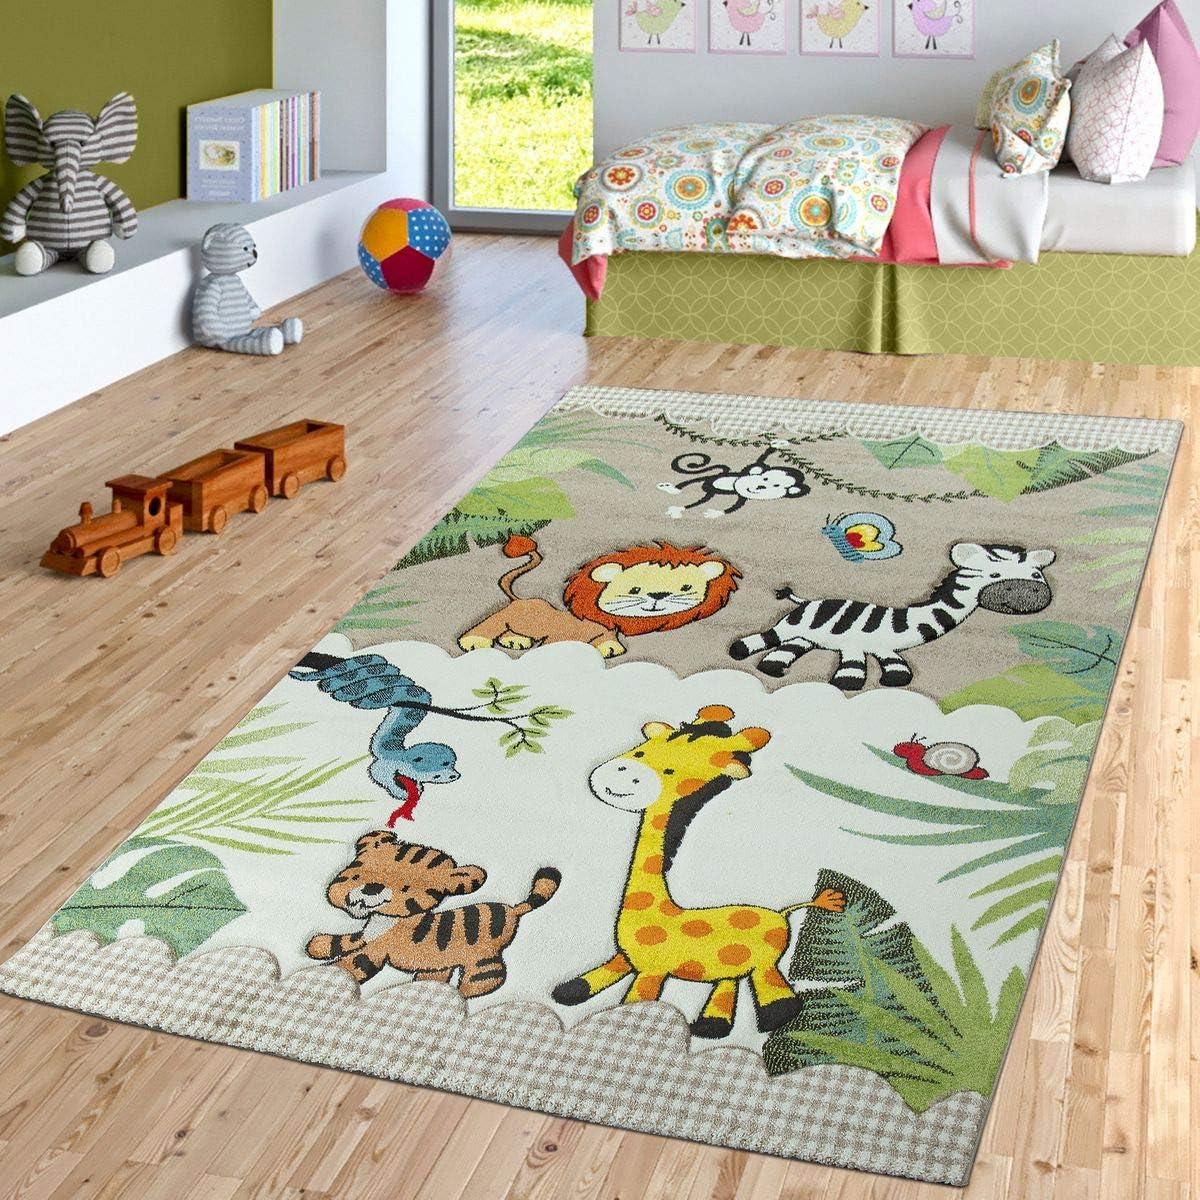 Gr/ö/ße:/Ø 120 cm Rund TT Home Kinderzimmer Teppich Dschungel Zoo Tiere Zebra Tiger L/öwe AFFE Beige Creme